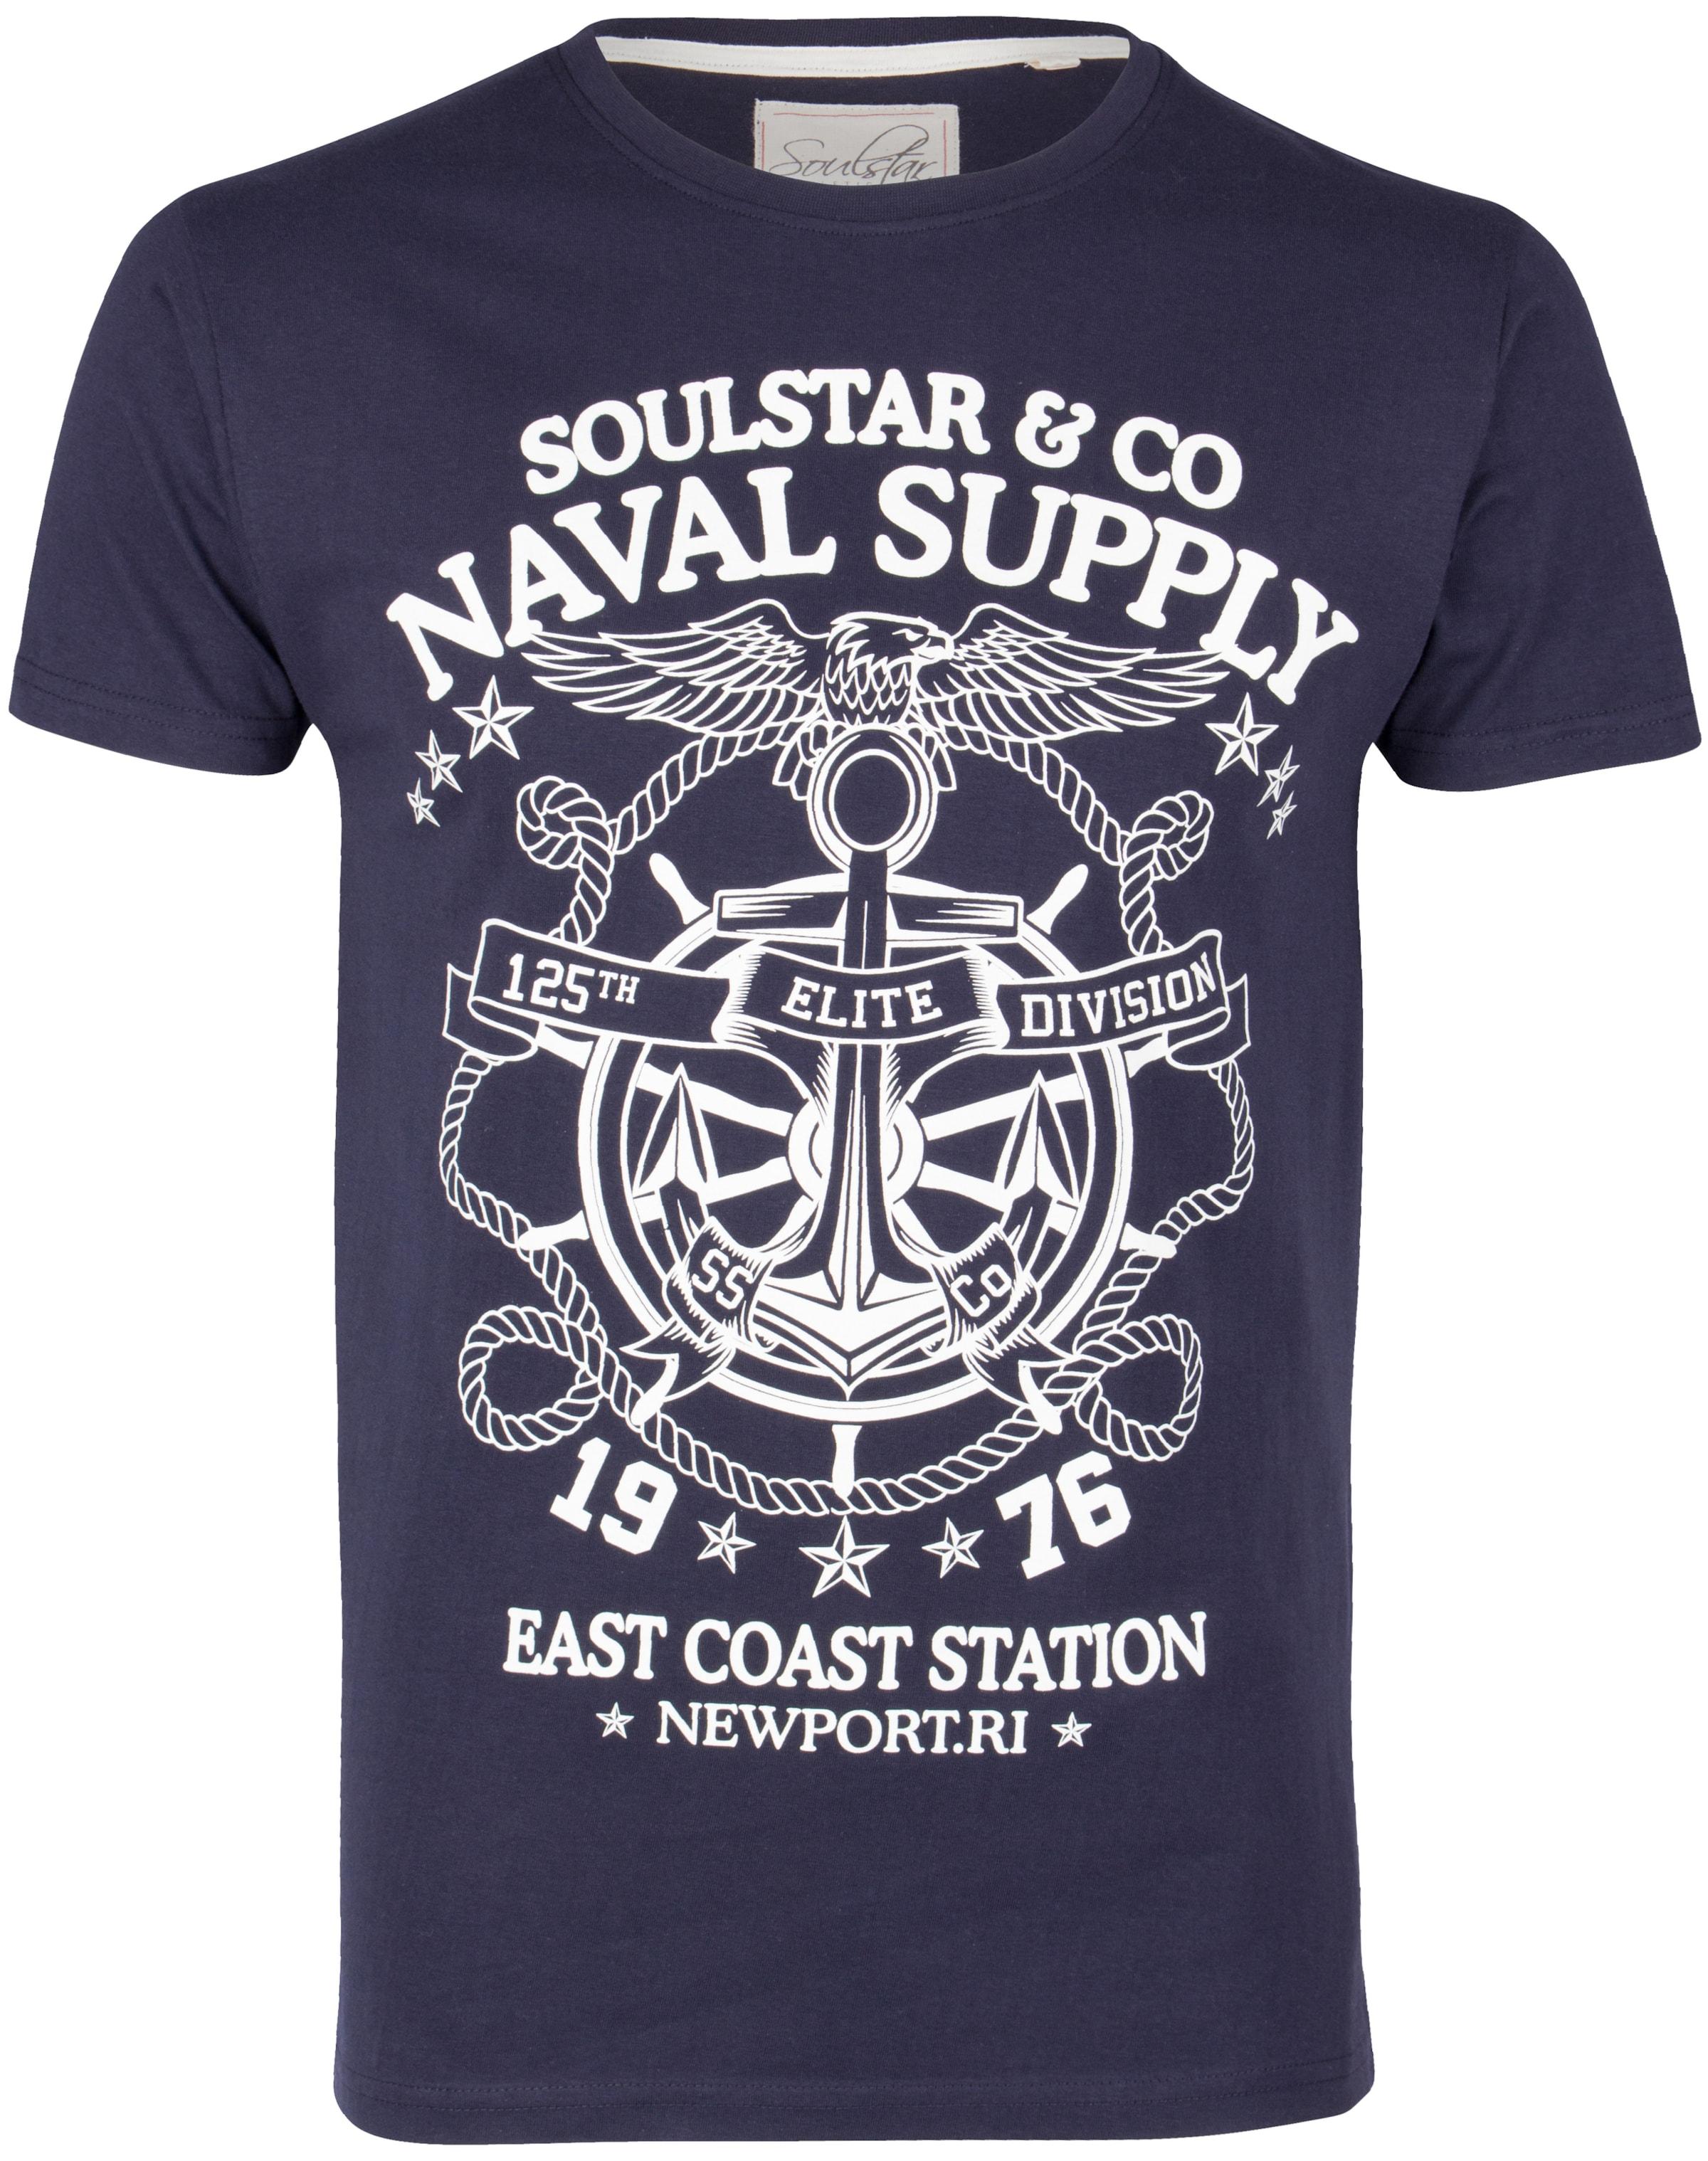 Billig Empfehlen SOULSTAR Soulstar T-Shirt Shop-Angebot Online Online Zum Verkauf Heißen Verkauf Zum Verkauf Amazonas Y6jfT46J